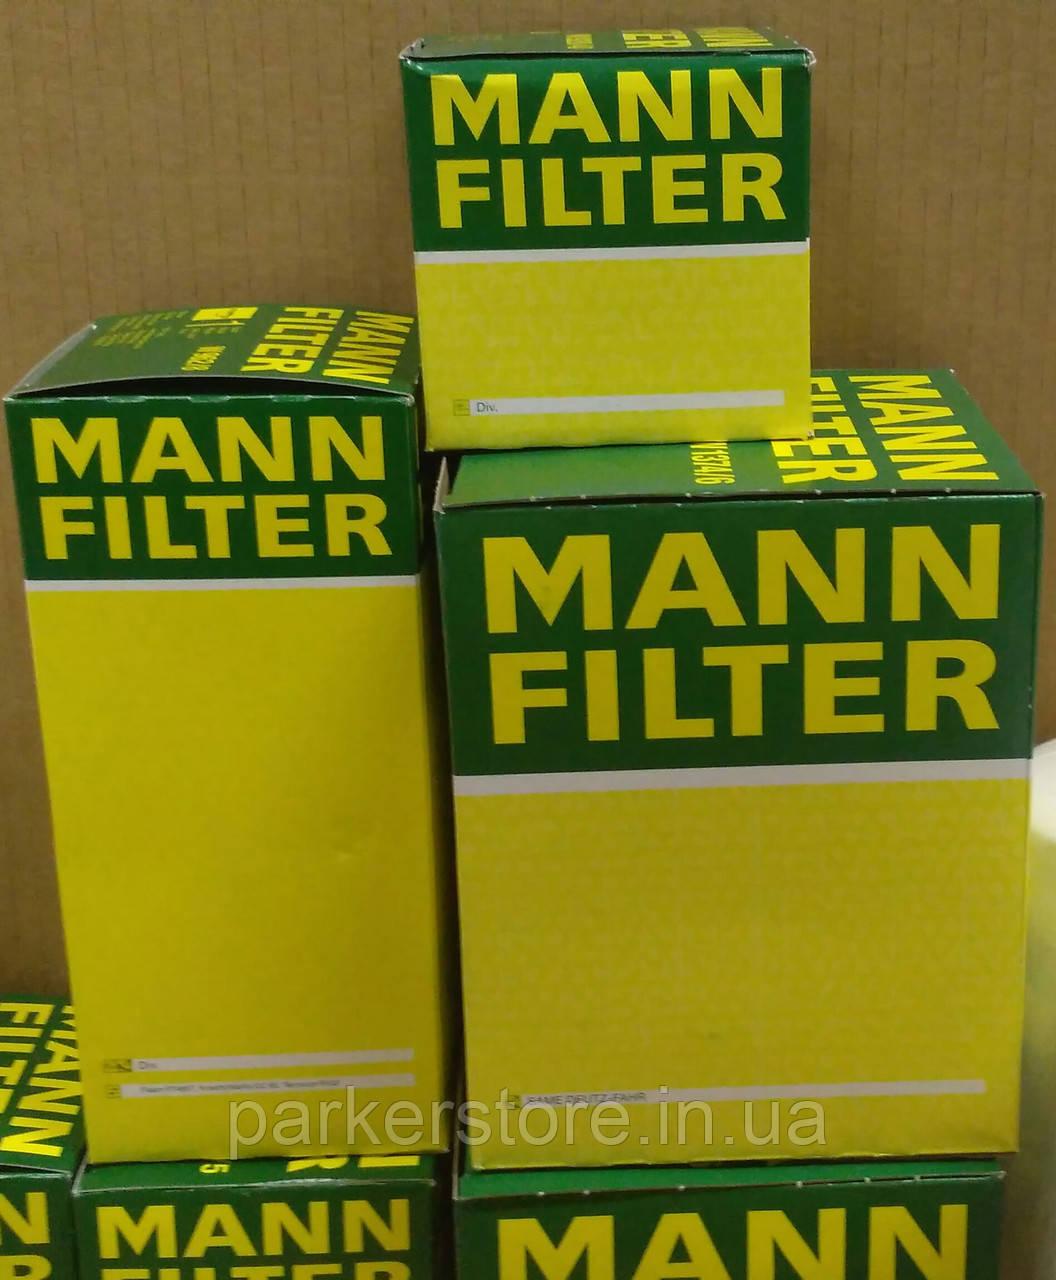 MANN FILTER / Повітряний фільтр / C 1635 / C1635